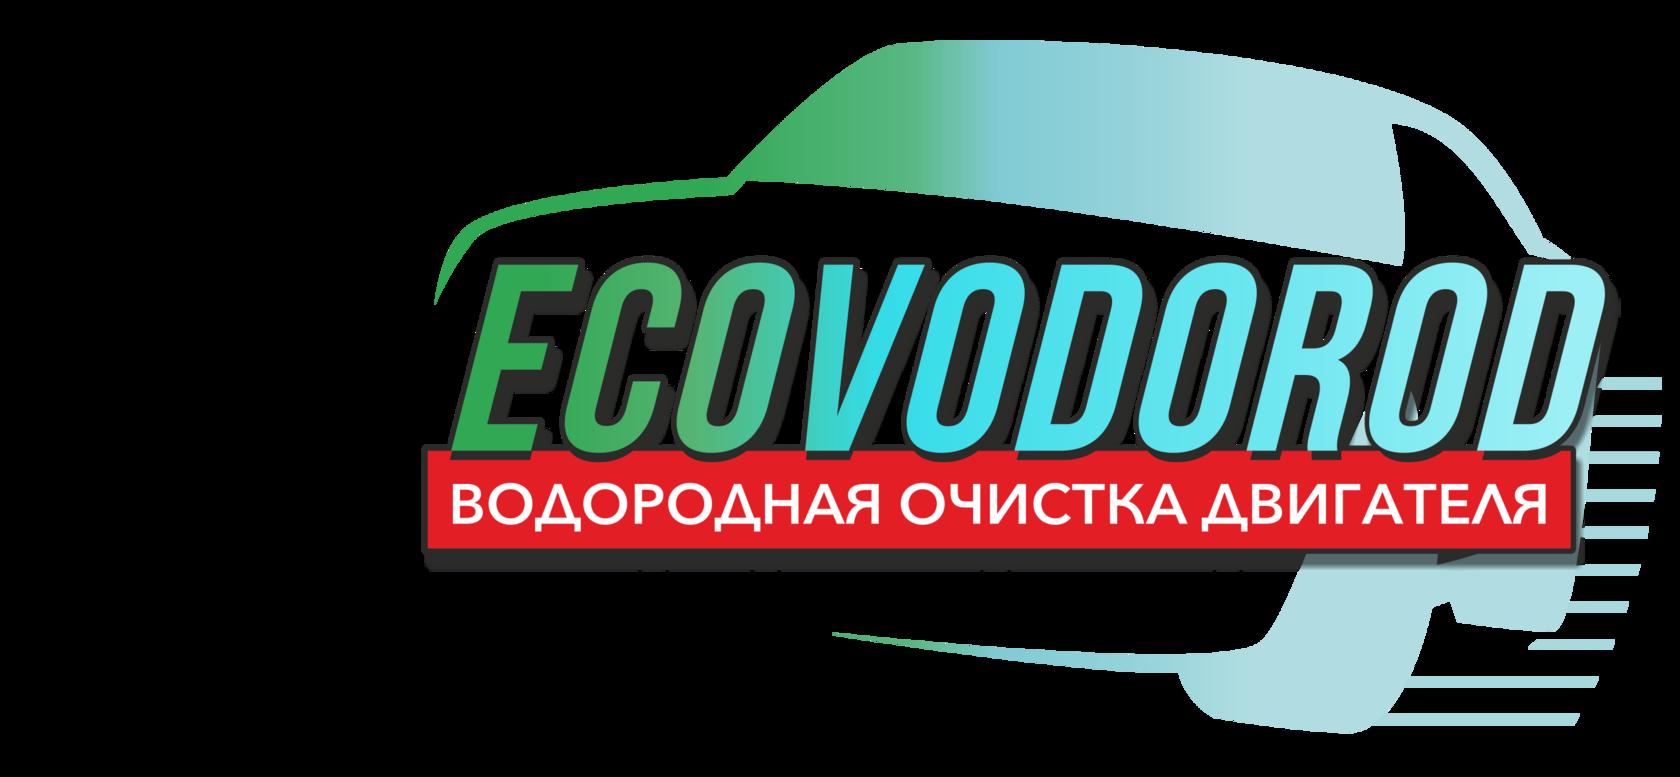 Эководород